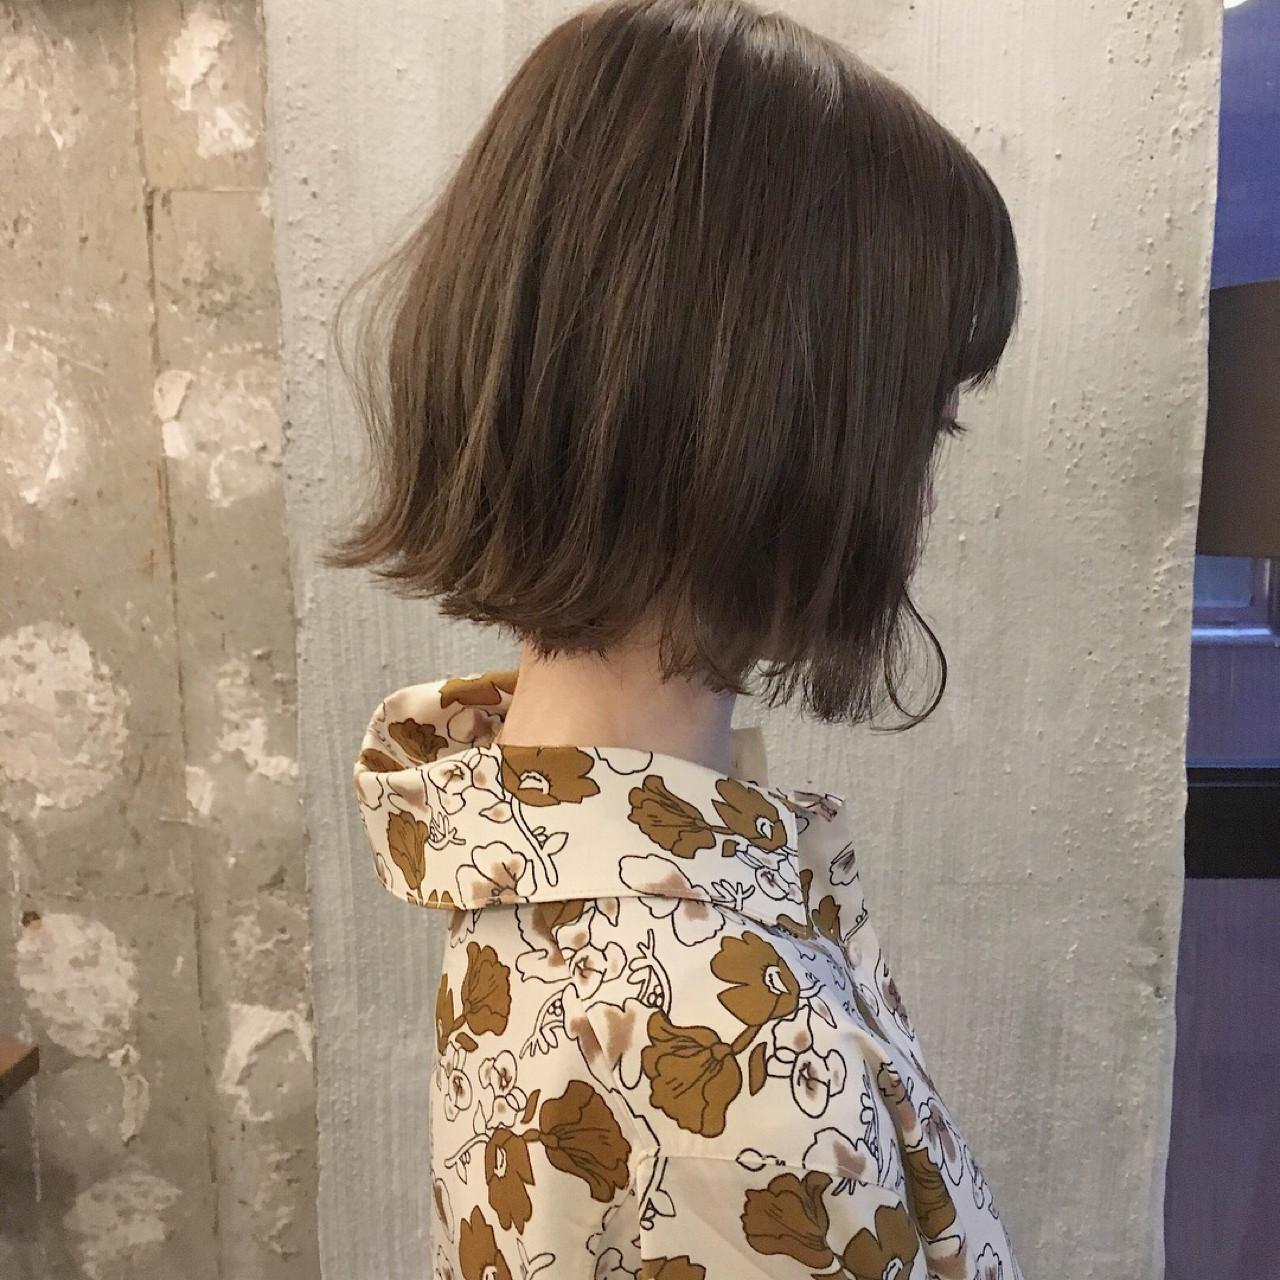 オフィス 愛され ヘアアレンジ ナチュラル ヘアスタイルや髪型の写真・画像